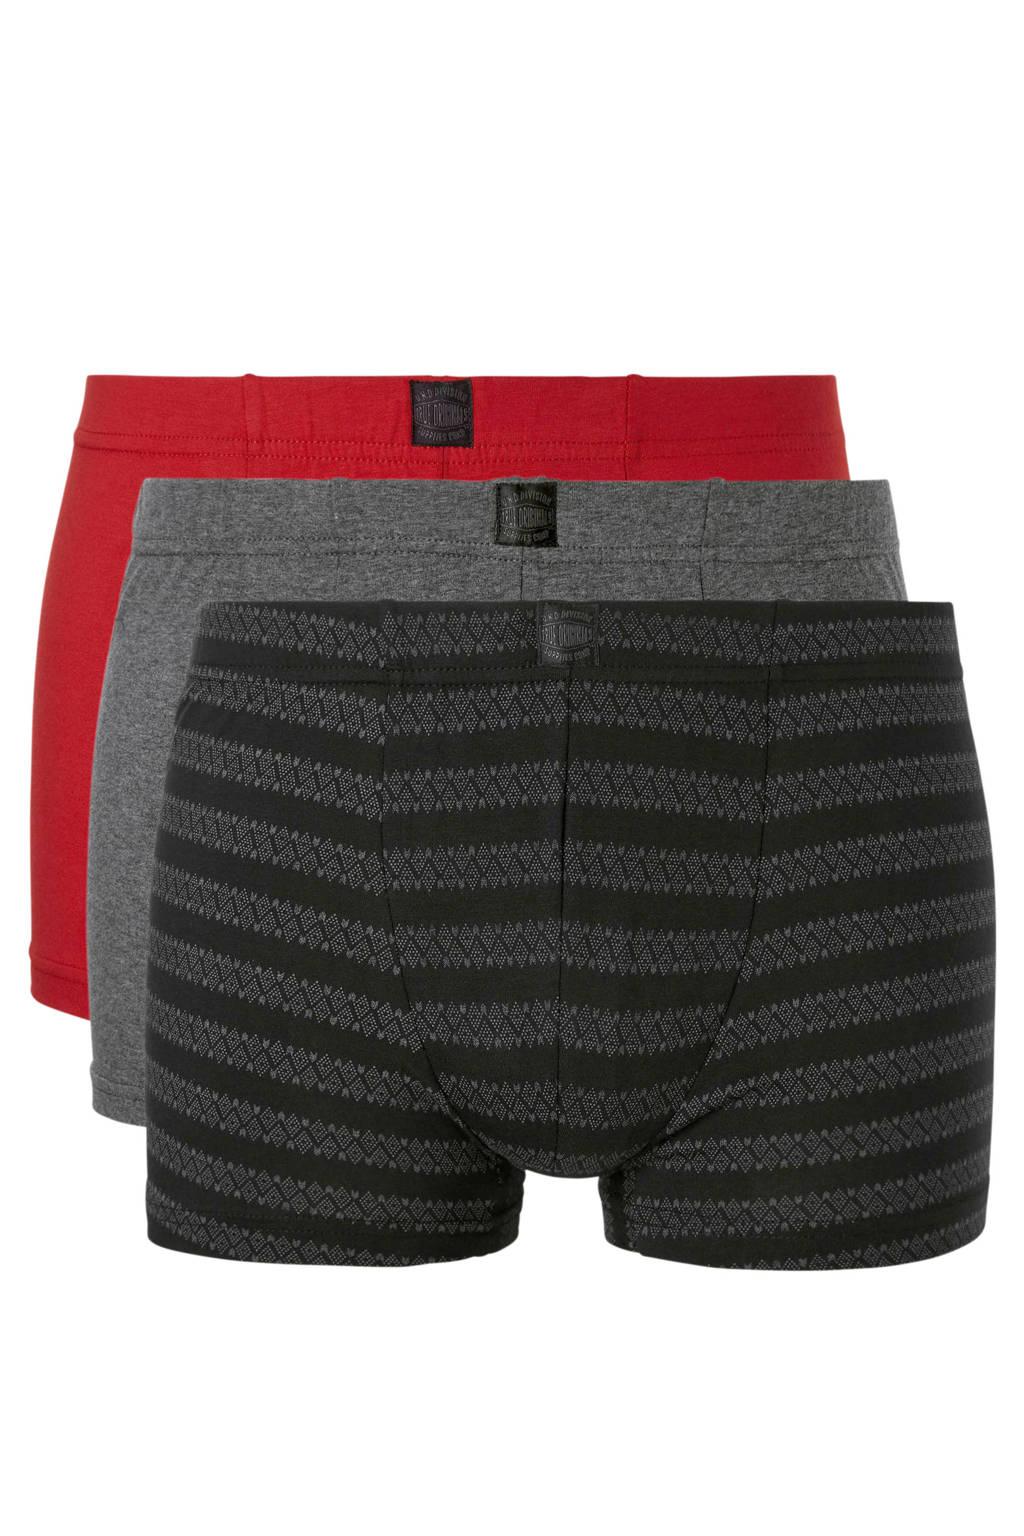 C&A Angelo Litrico boxershort (set van 3), Grijs/rood/marine